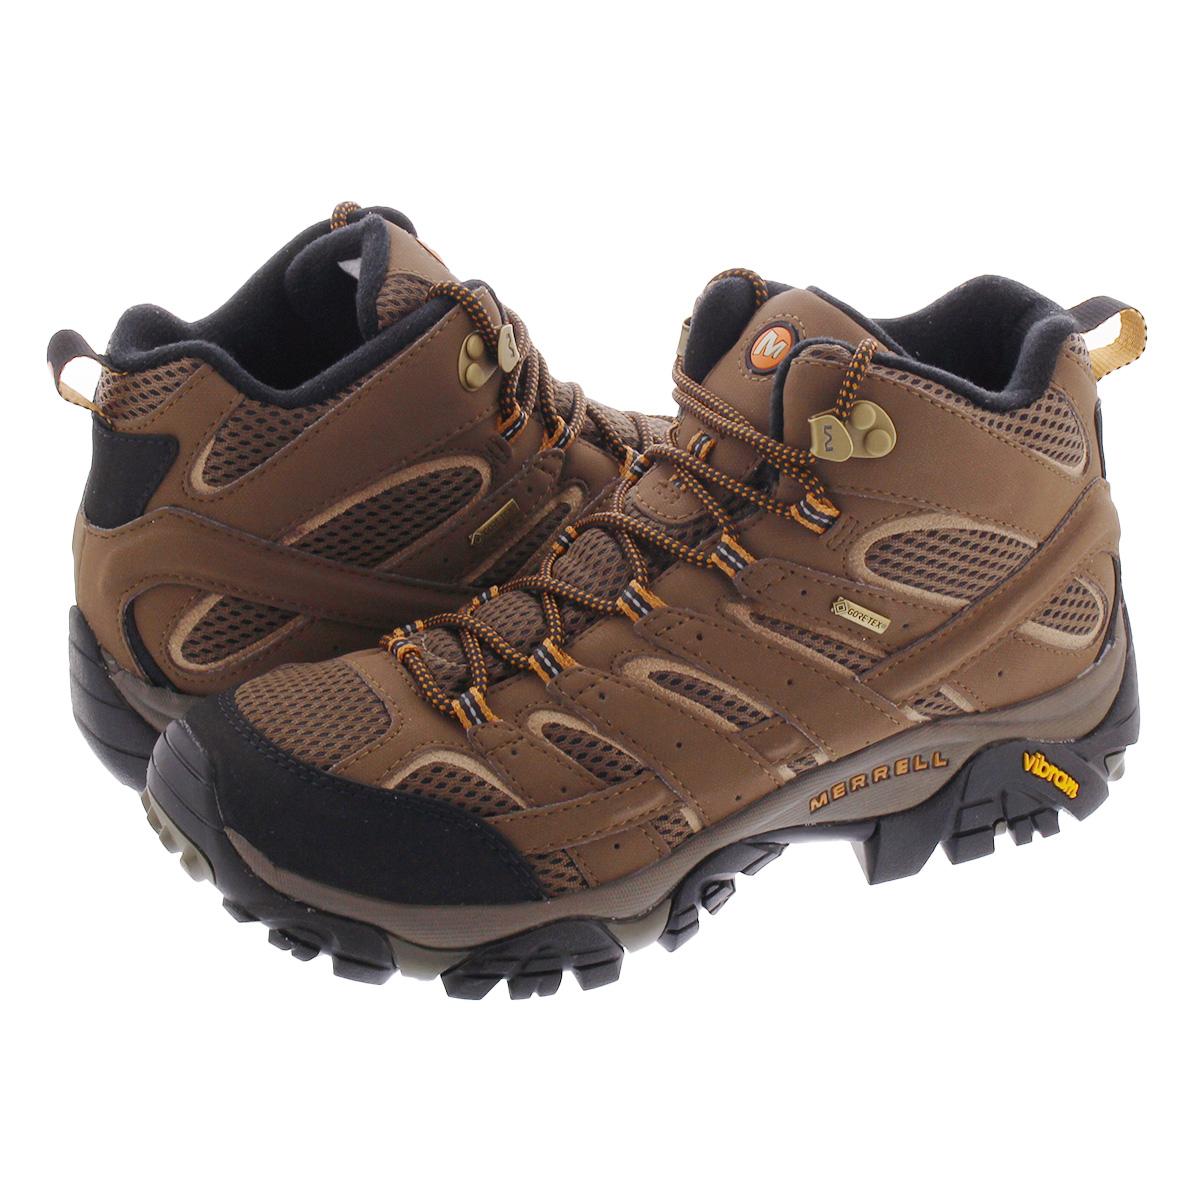 送料無料 MERRELL メレル スニーカー 靴 防水 メンズ アウトドア ハイキングシューズ 登山 フェス MID GORE-TEX MOAB 2 ゴアテックス お得セット ミッド 贈り物 ブラウン モアブ 茶 j06063 EARTH